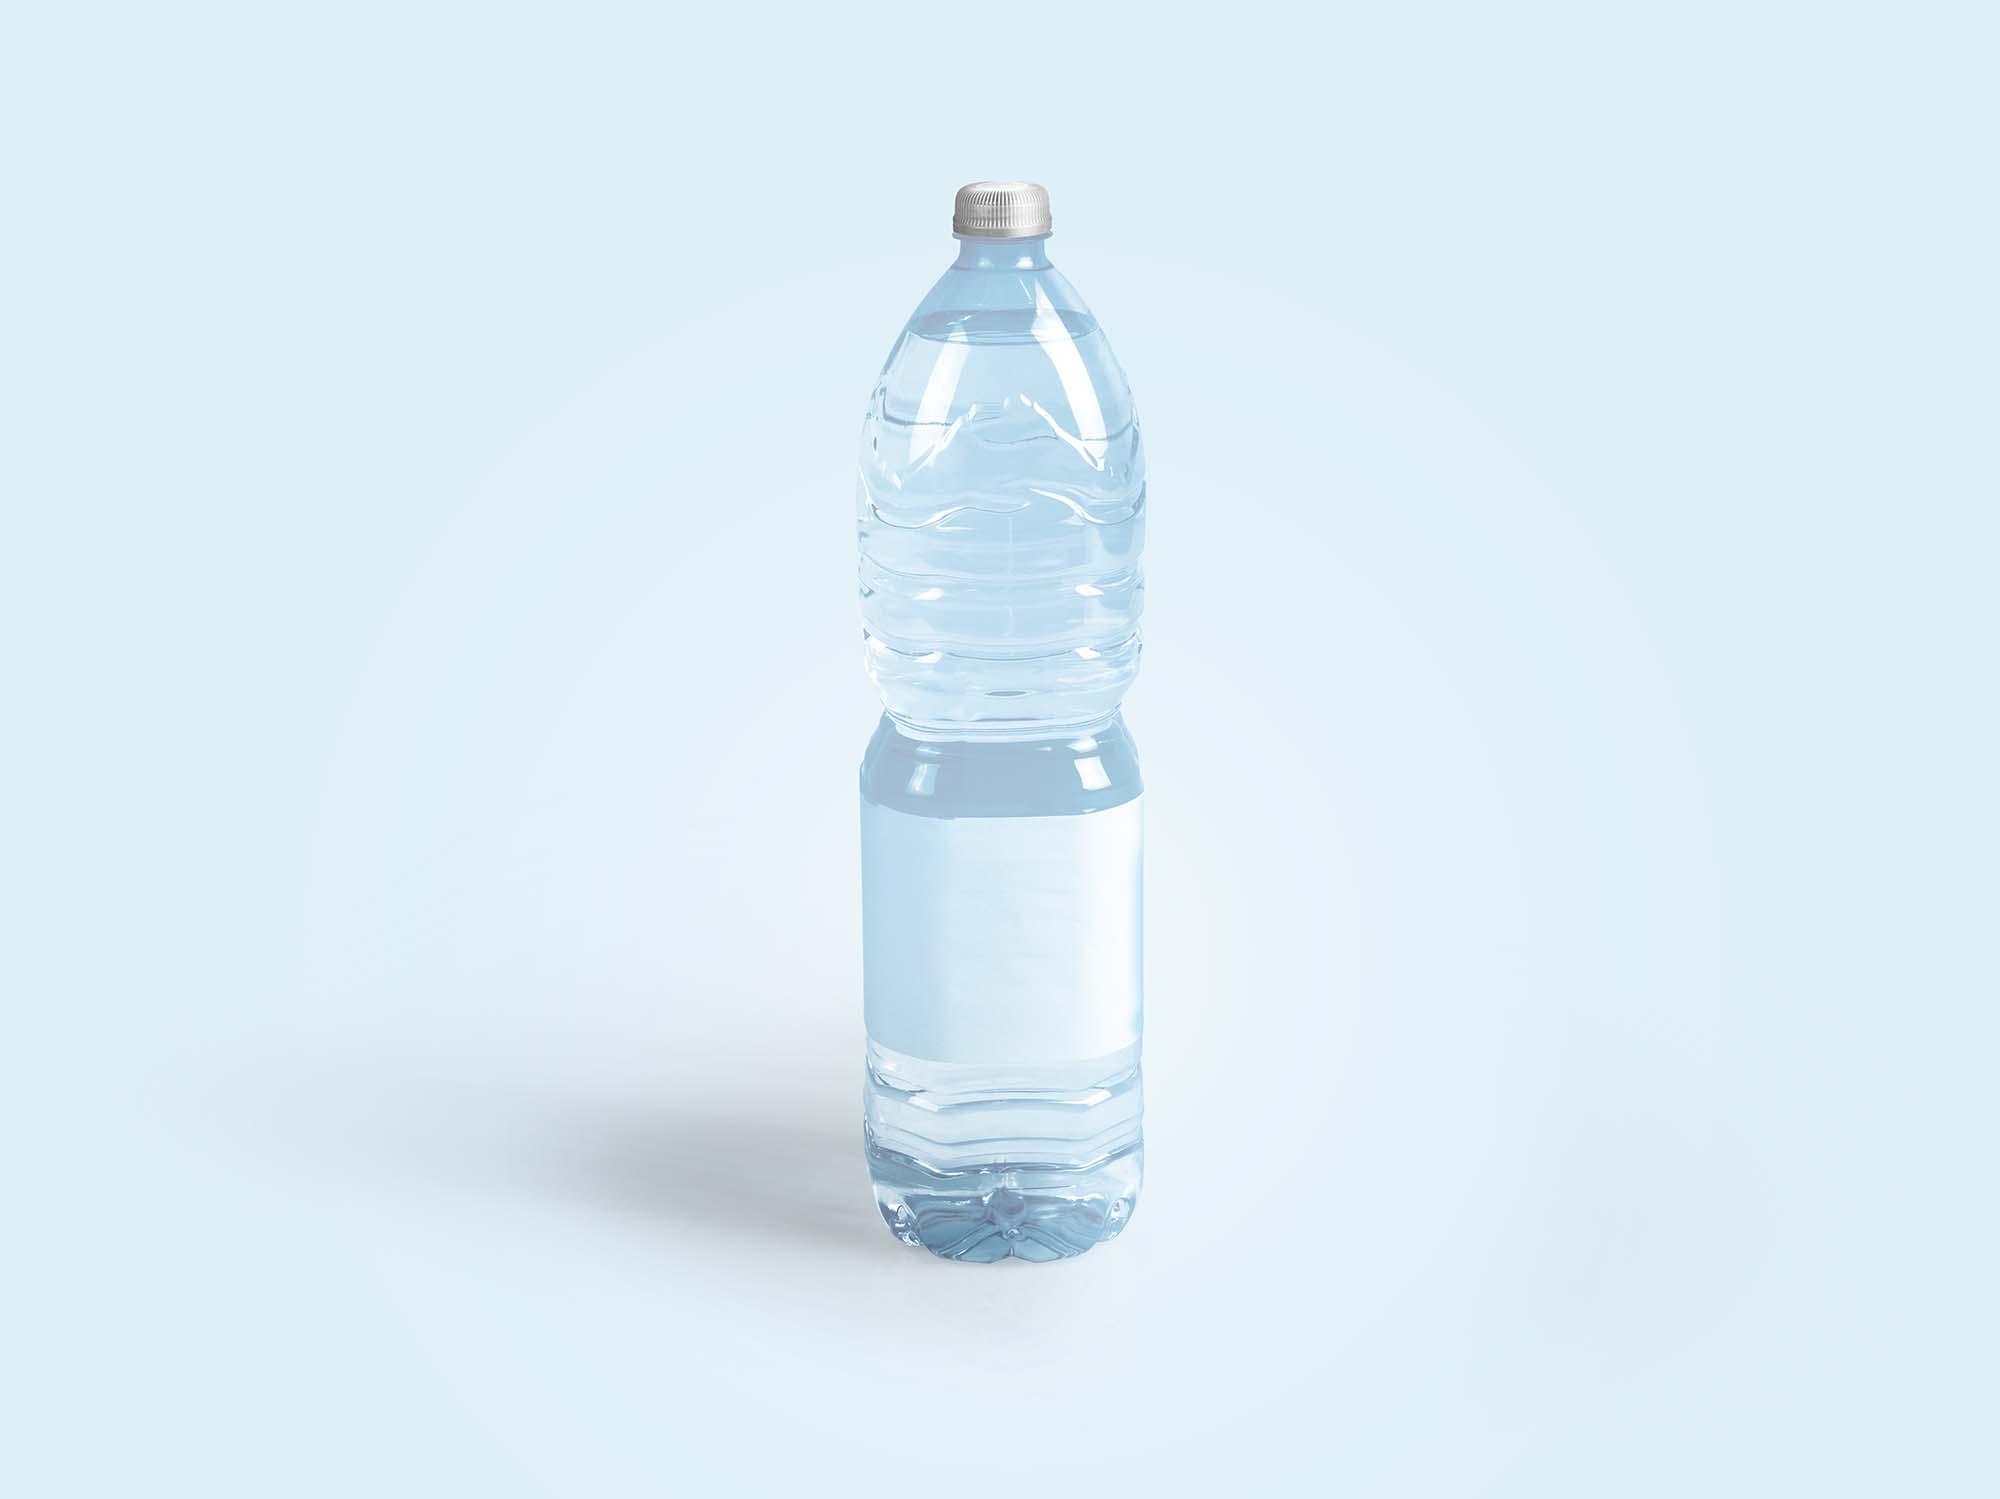 Drinking Water Bottle Mockup 3